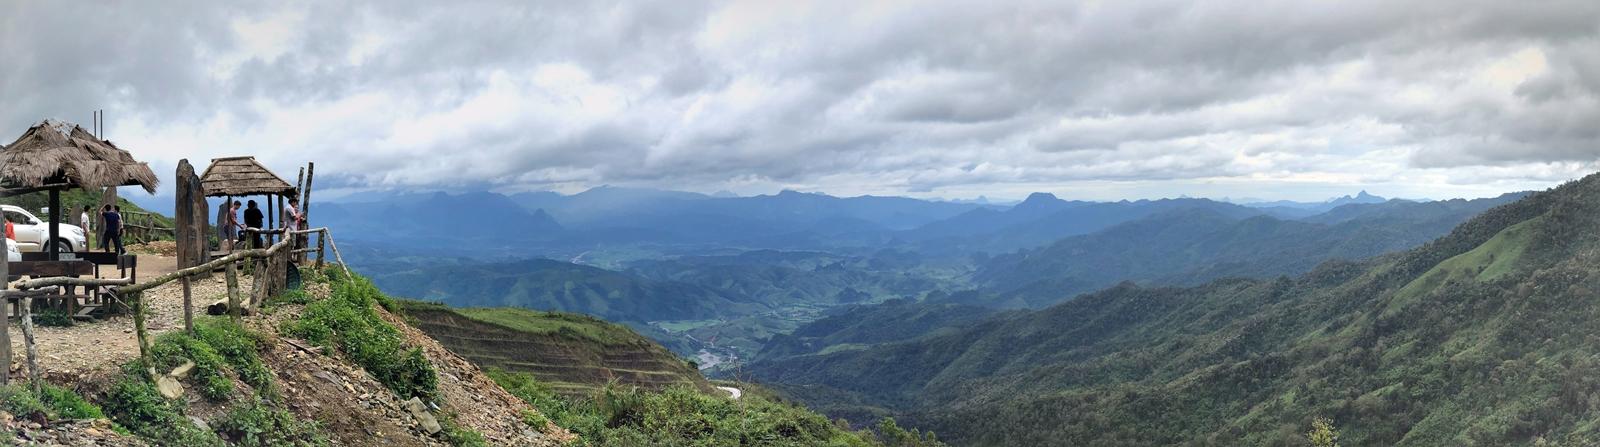 부산출발 4박5일 라오스여행 (3일차) : 방비엥 → 루앙프라방, 루앙프라방 시내투어